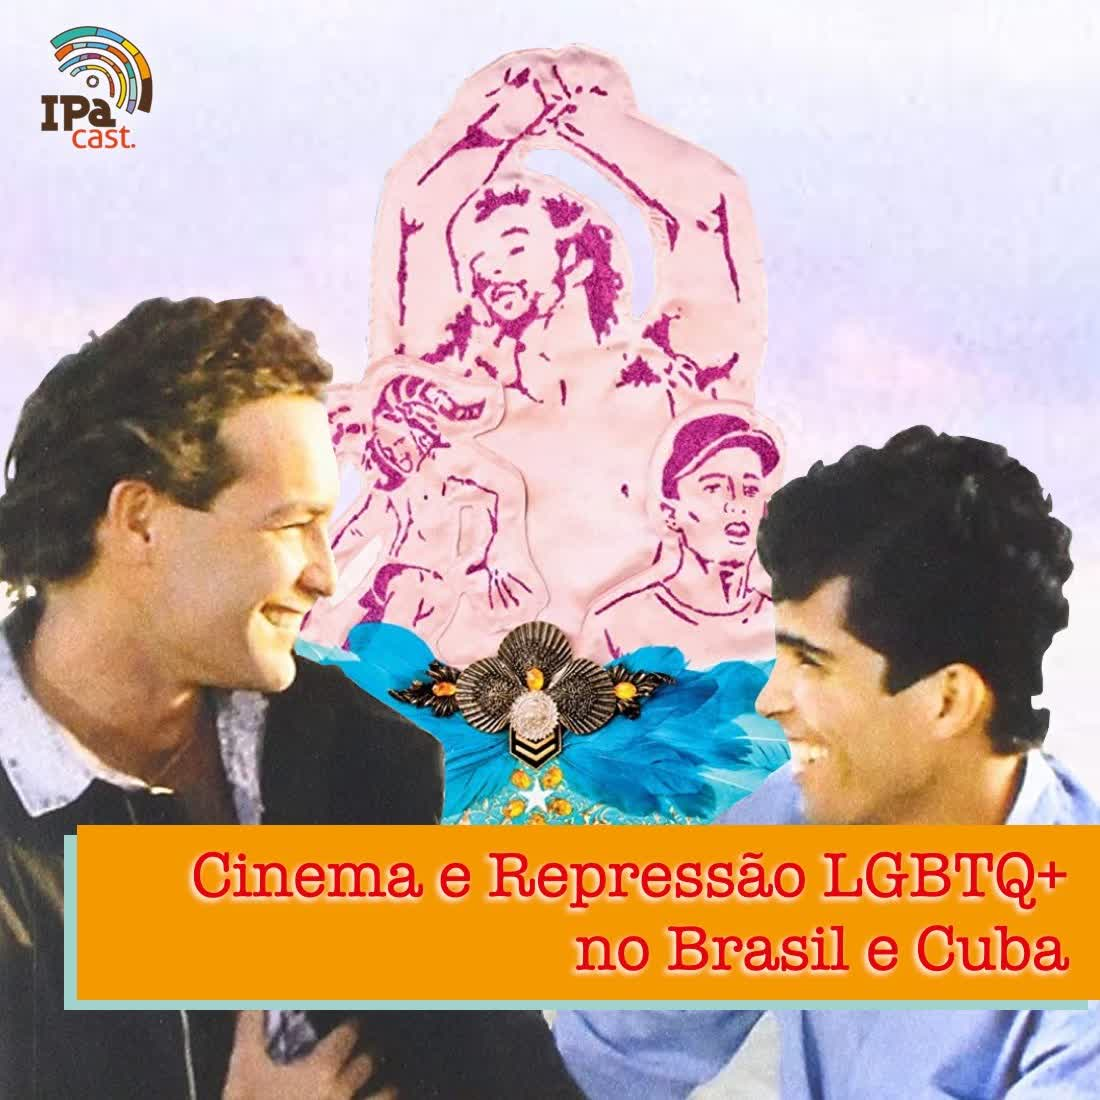 IPACast #008 Cinema e Repressão LGBTQ+ no Brasil e Cuba